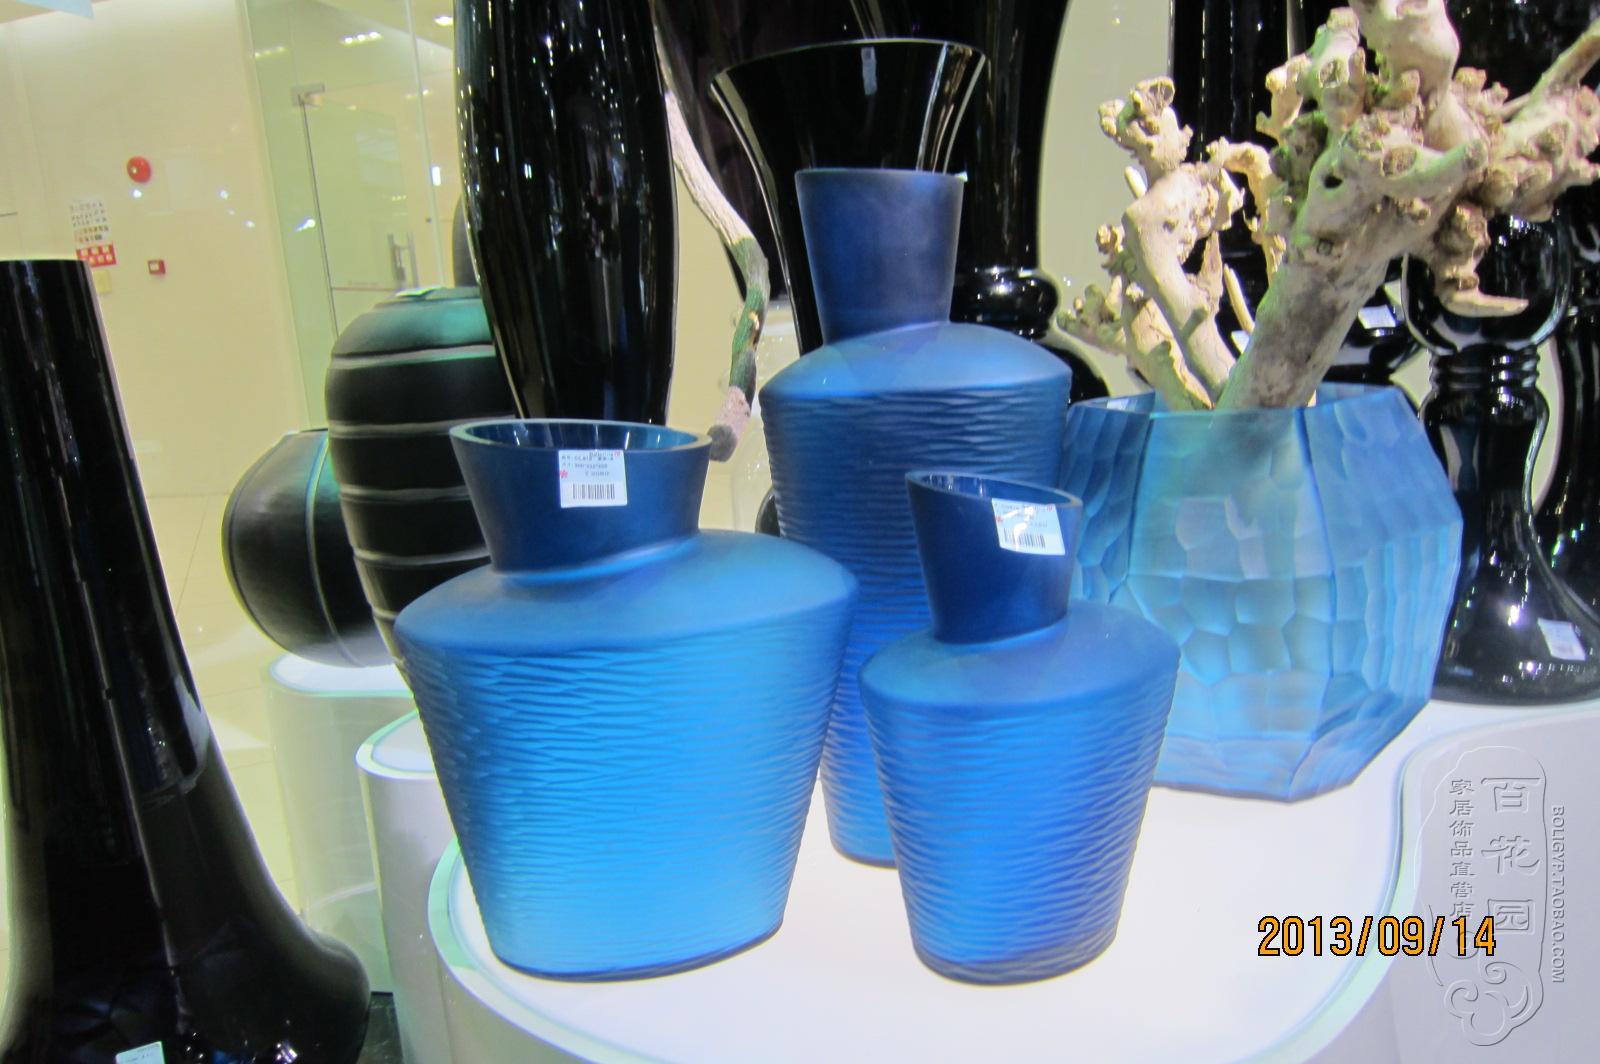 水晶玻璃工艺品创意花瓶家居装饰高贵墨水蓝欧式古典现代风花器-淘宝网